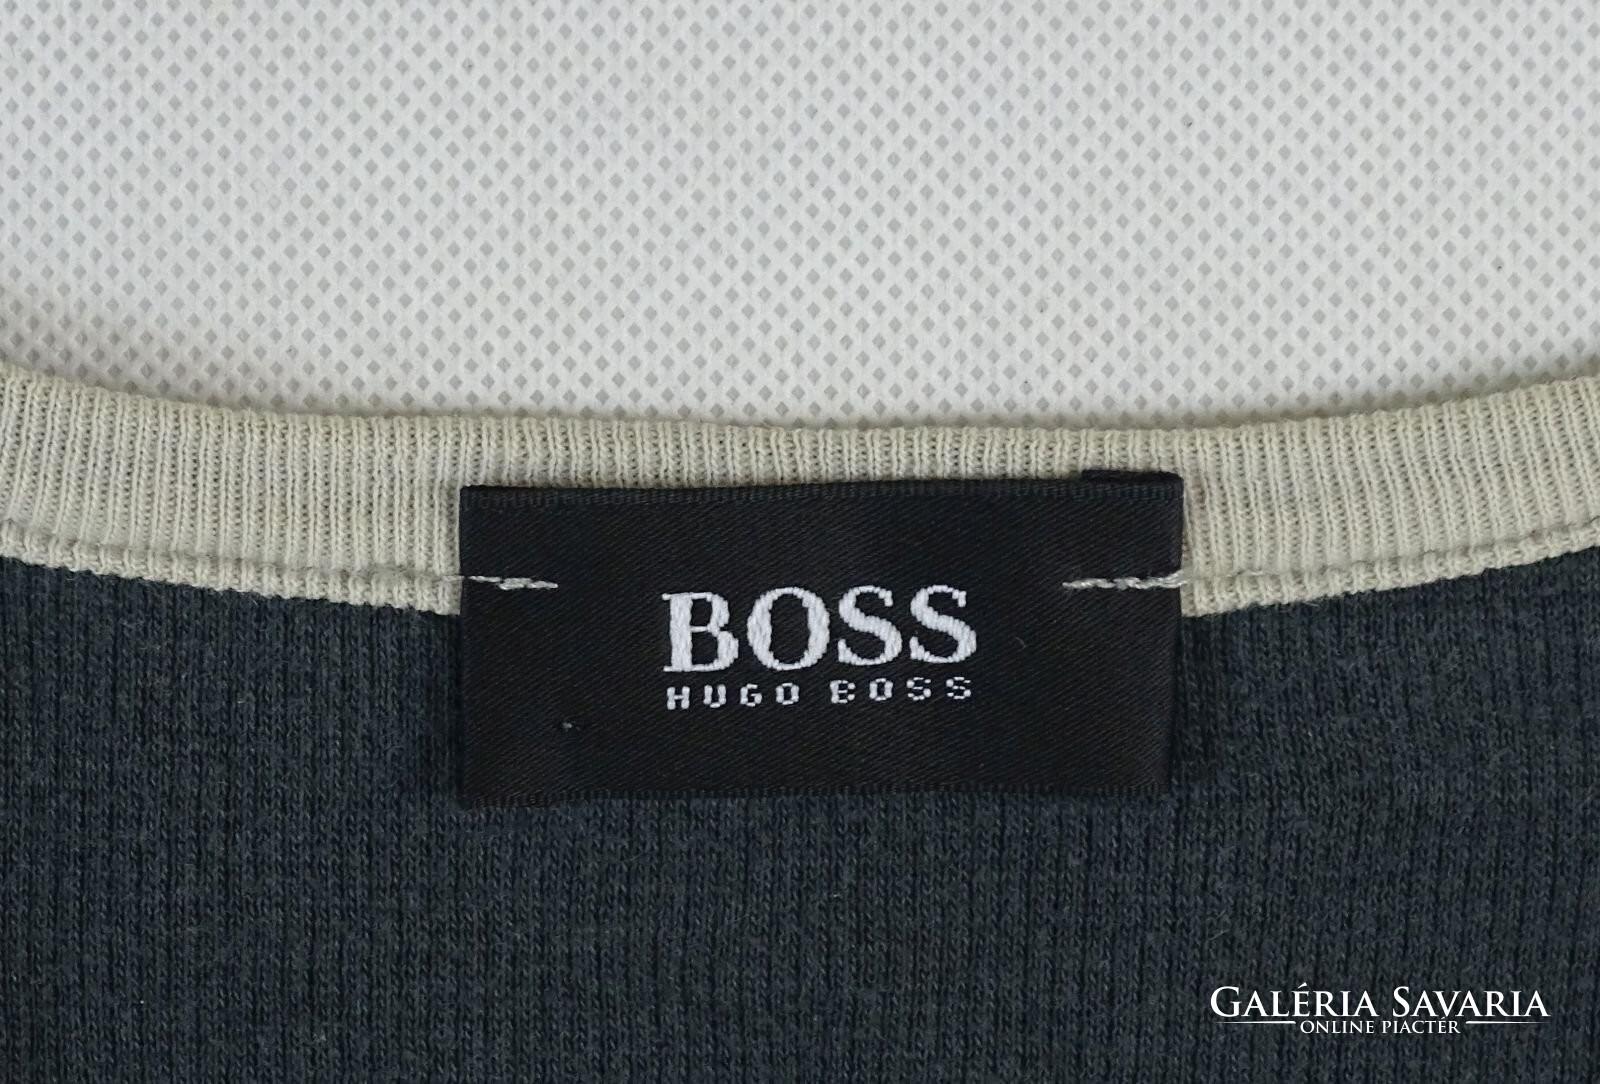 e742499a1c 0V878 Hugo Boss hosszú ujjú férfi felső XL - Gardrób | Galéria ...